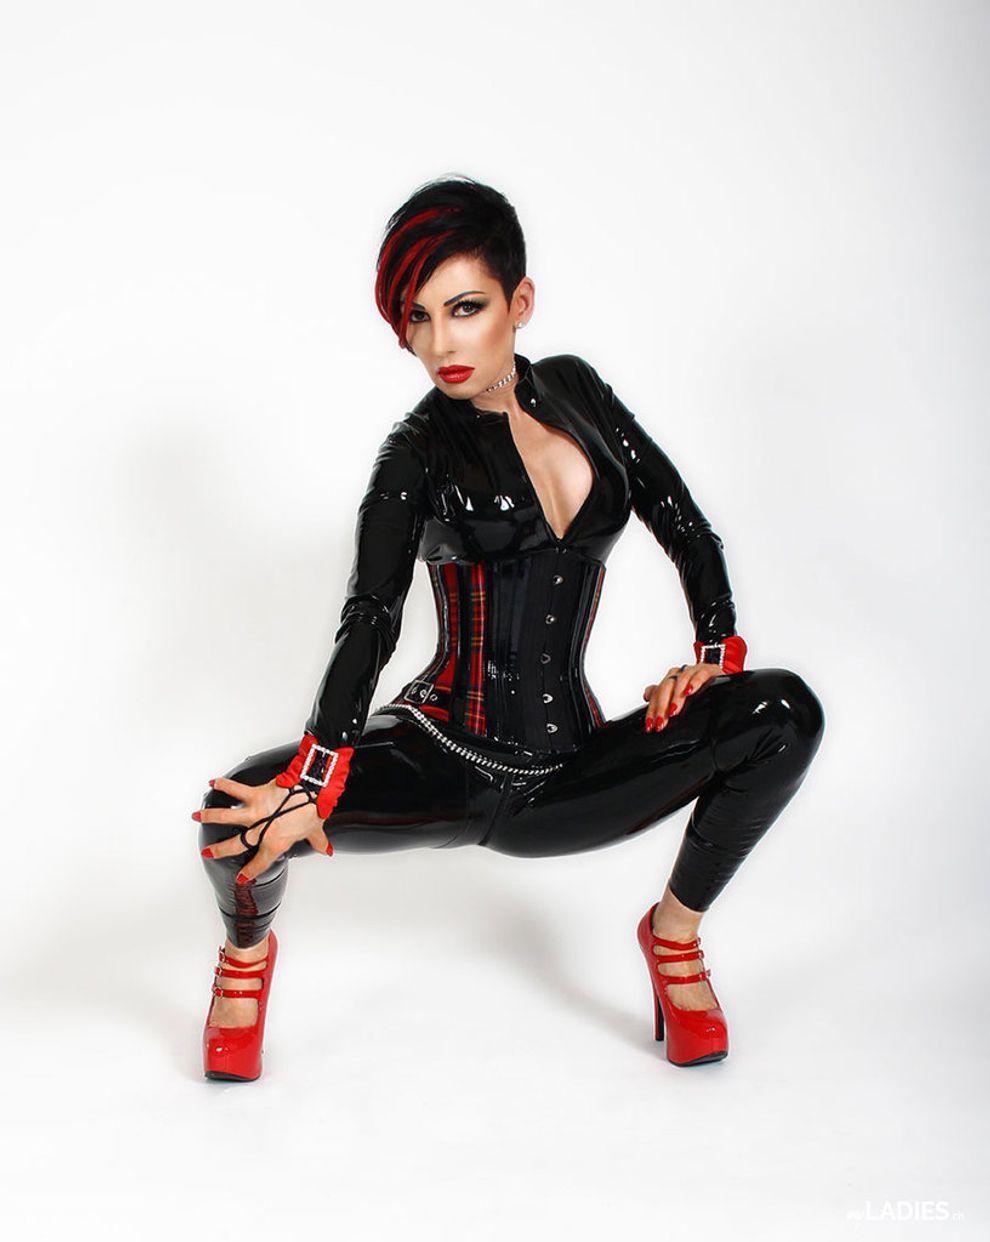 Fetischlady Eva / Bild 4